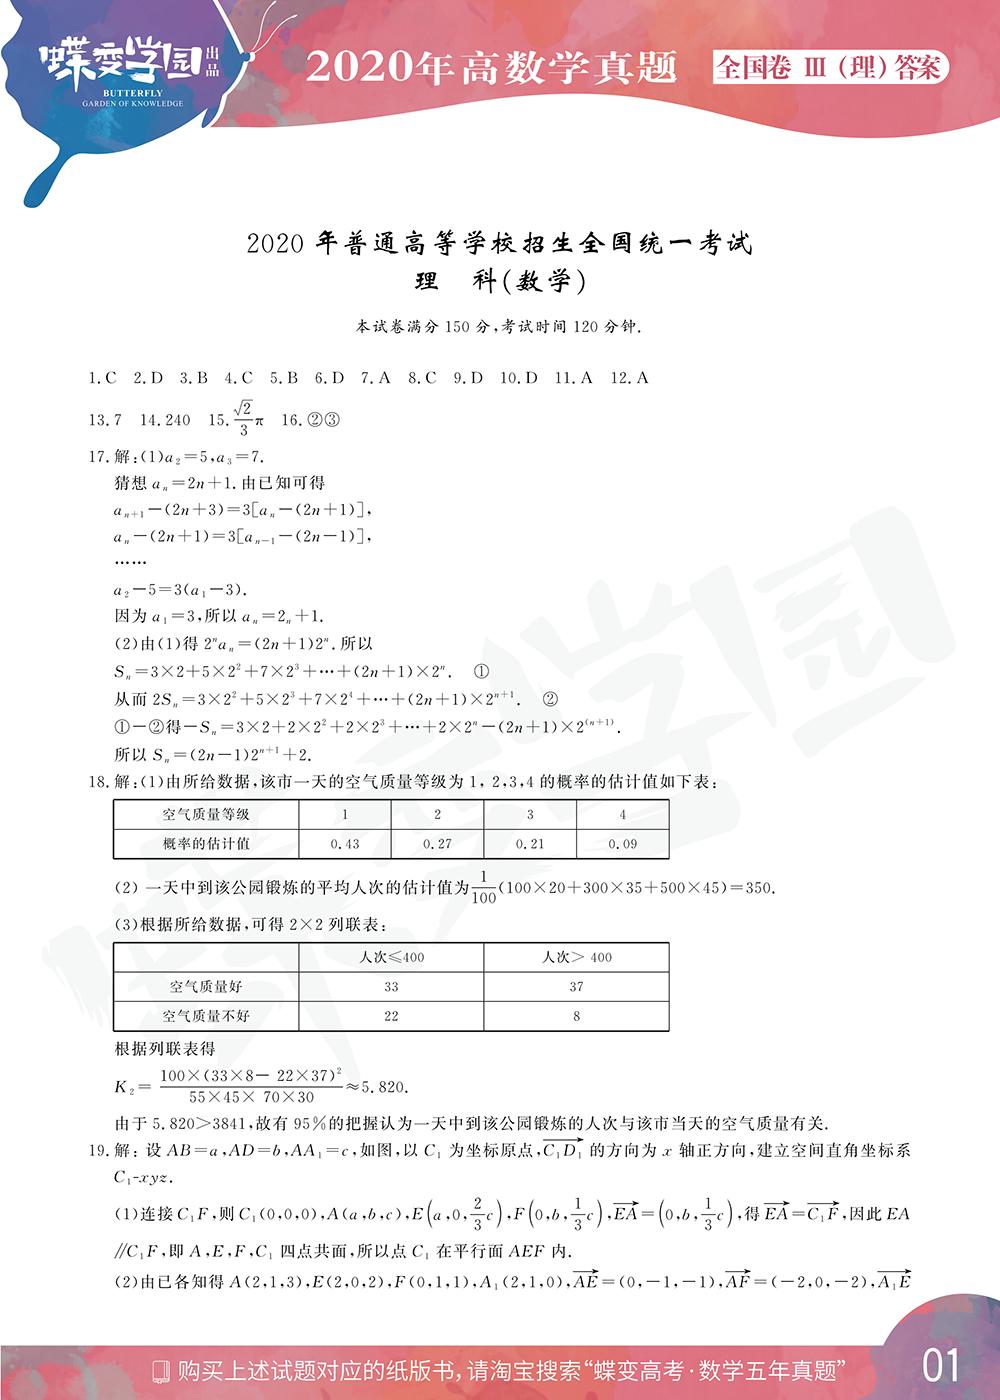 2020年全国3卷高考理科数学试题答案【高清精校版】